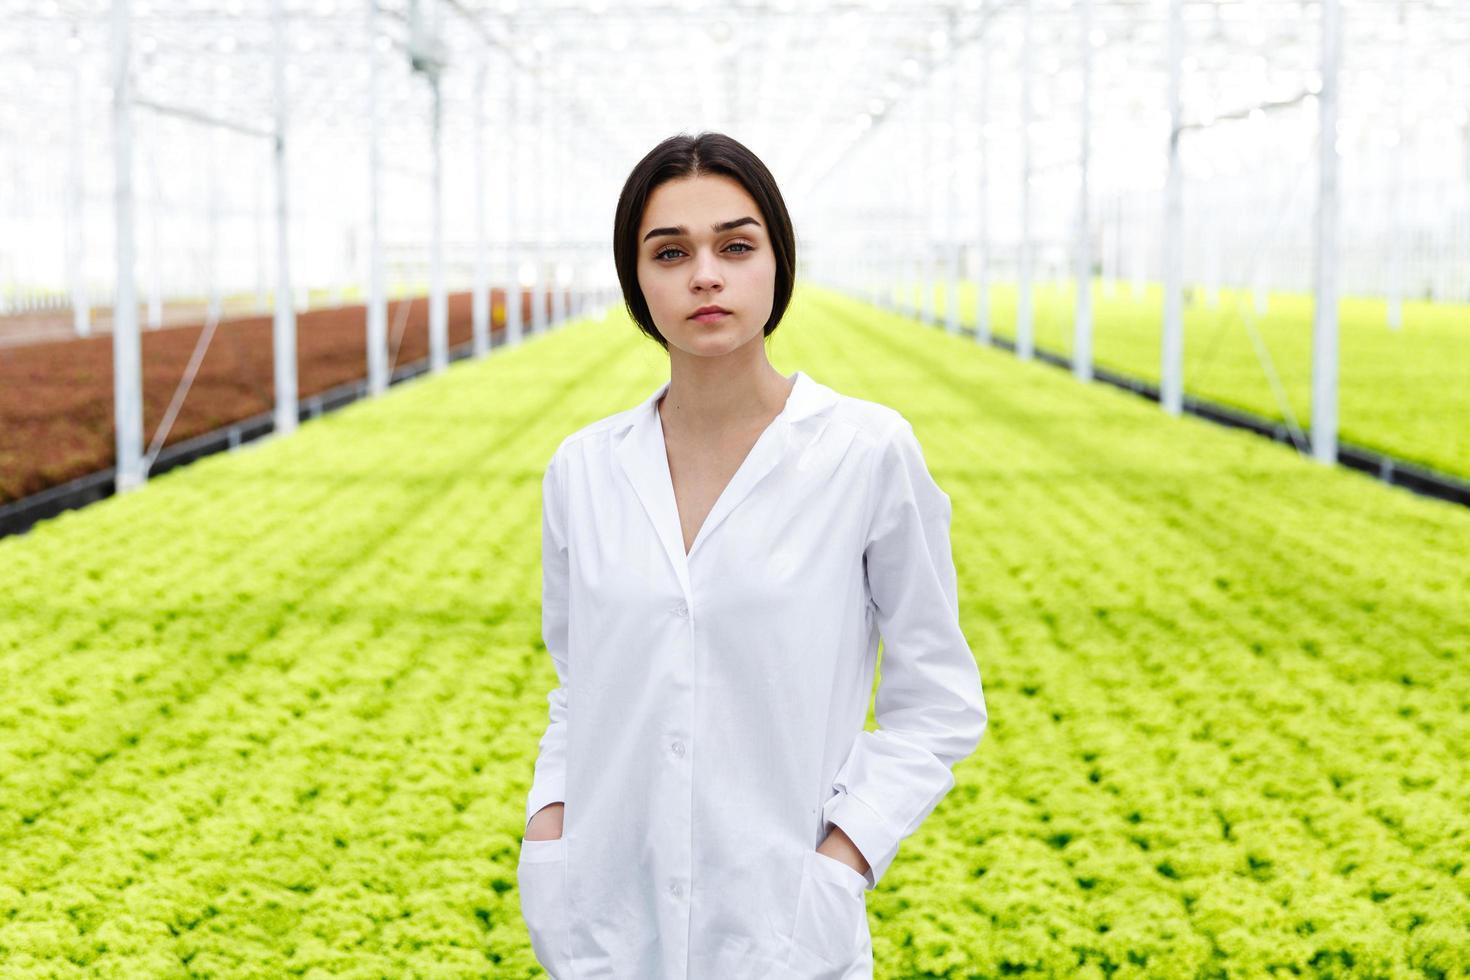 vrouwelijke onderzoeker in wit gewaad foto